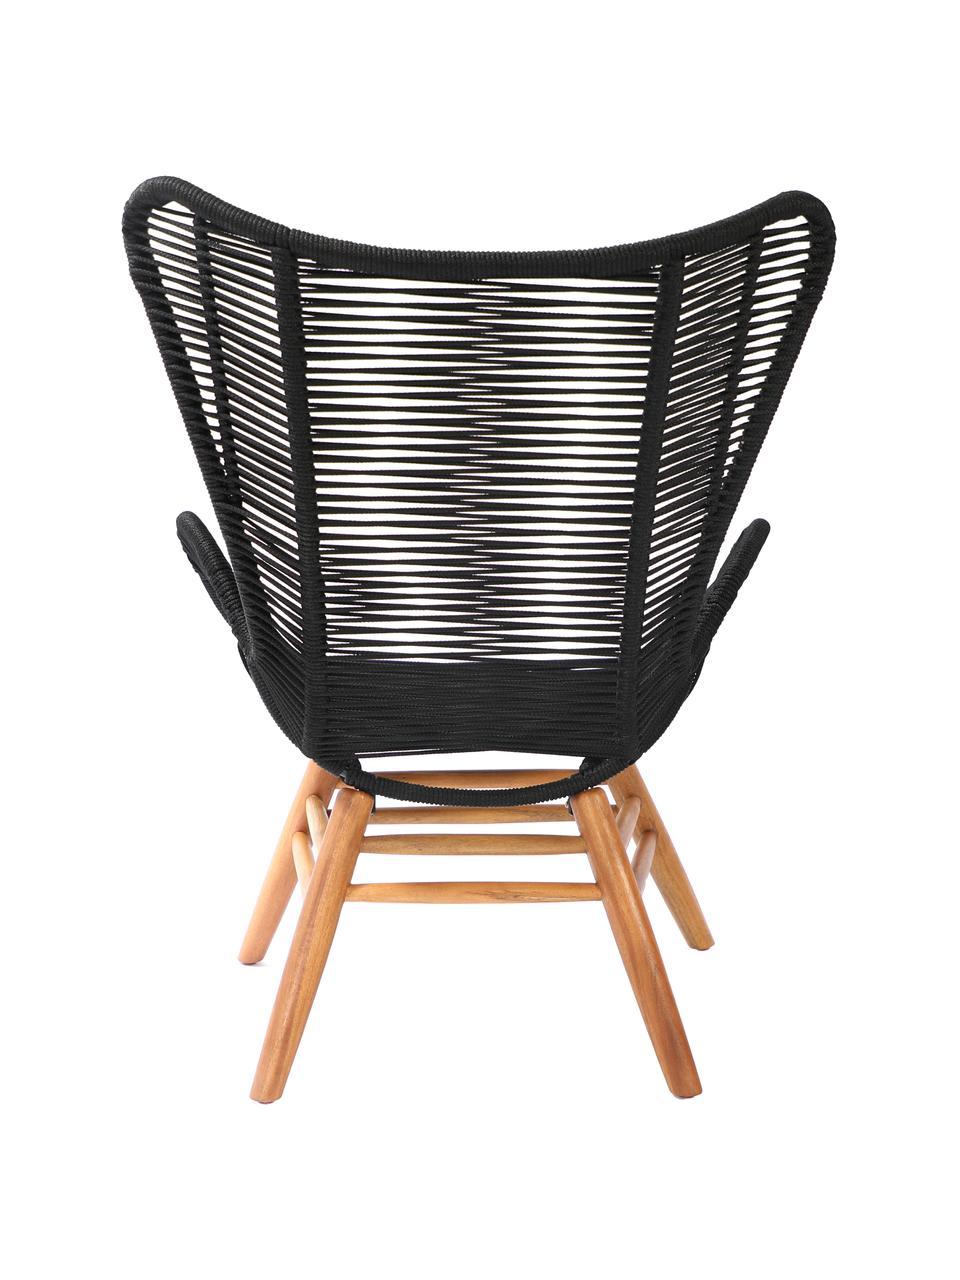 Fotel uszak z drewnianymi nogami Tingeling, Nogi: drewno akacjowe, Czarny, beżowy, S 72 x G 78 cm